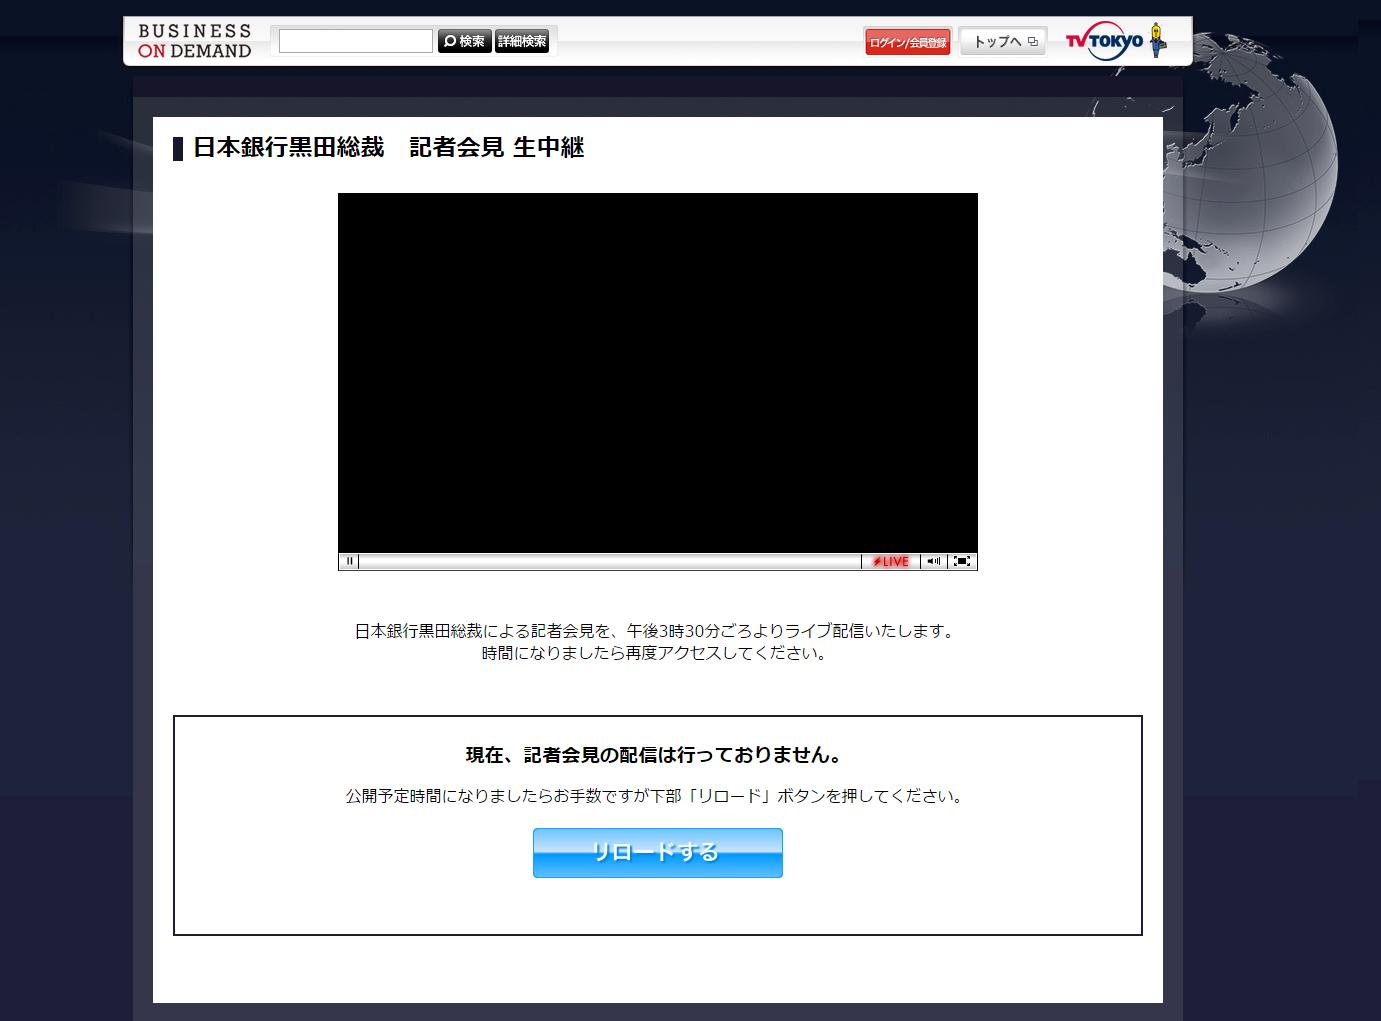 テレビ東京日本銀行記者会見ライブカメラ